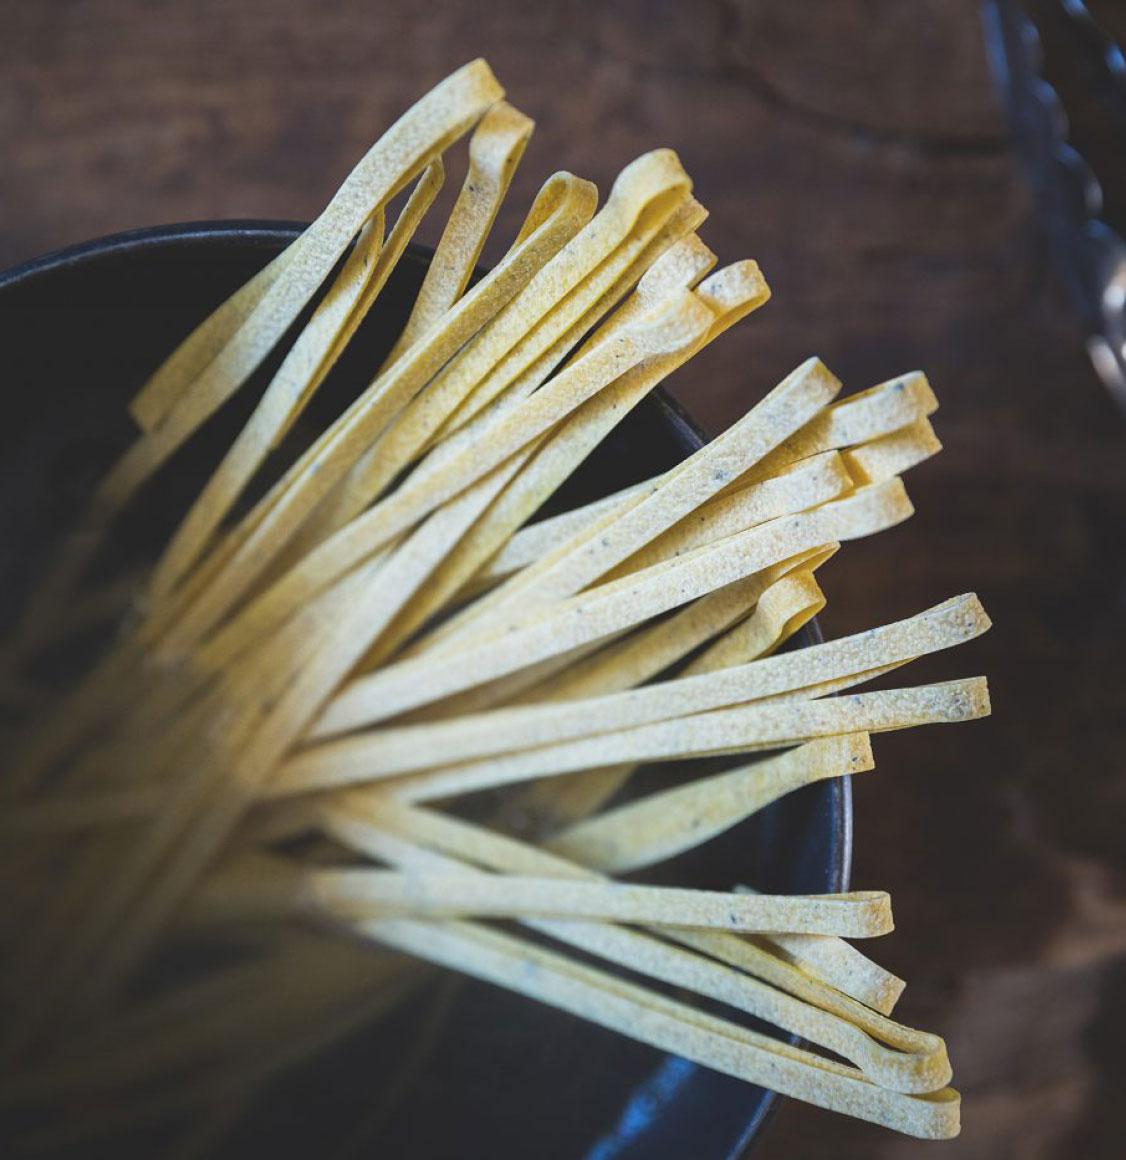 TruffleHunter Ταλιατέλες Μαύρης Τρούφας Black Truffle Tagliatelle Pasta 250g